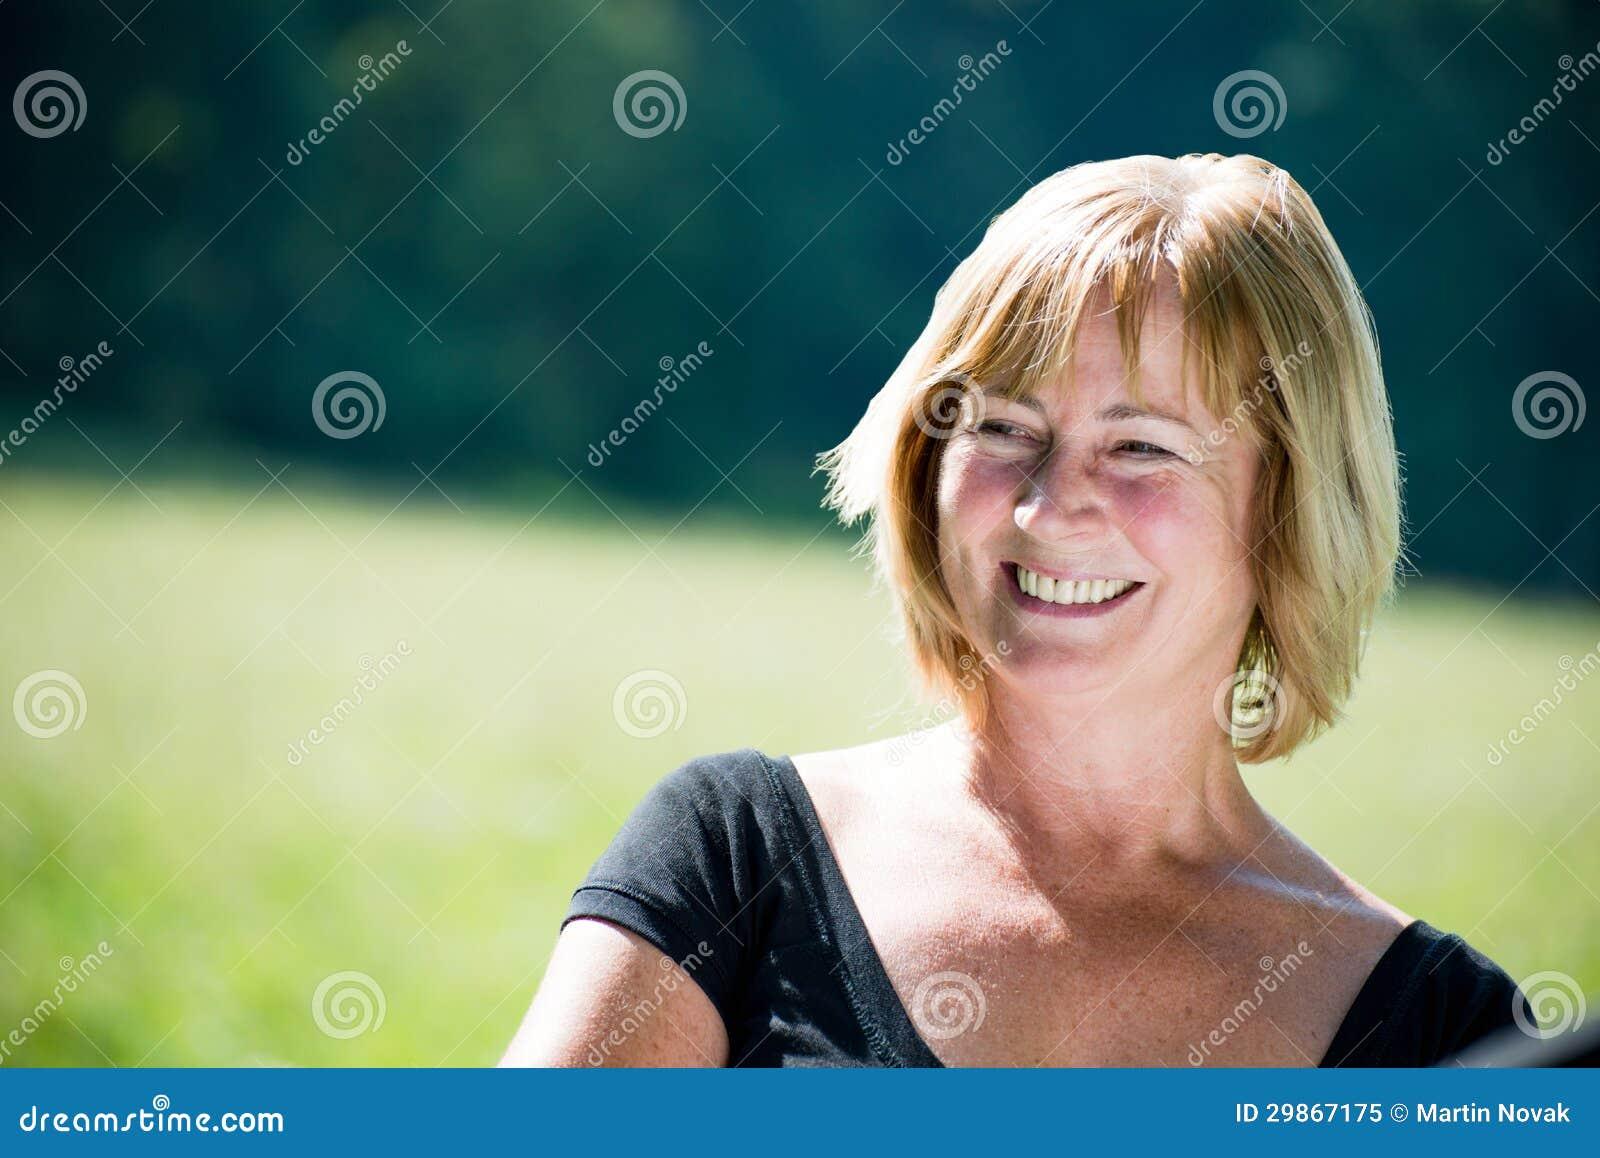 Расслабил зрелую женщину 10 фотография